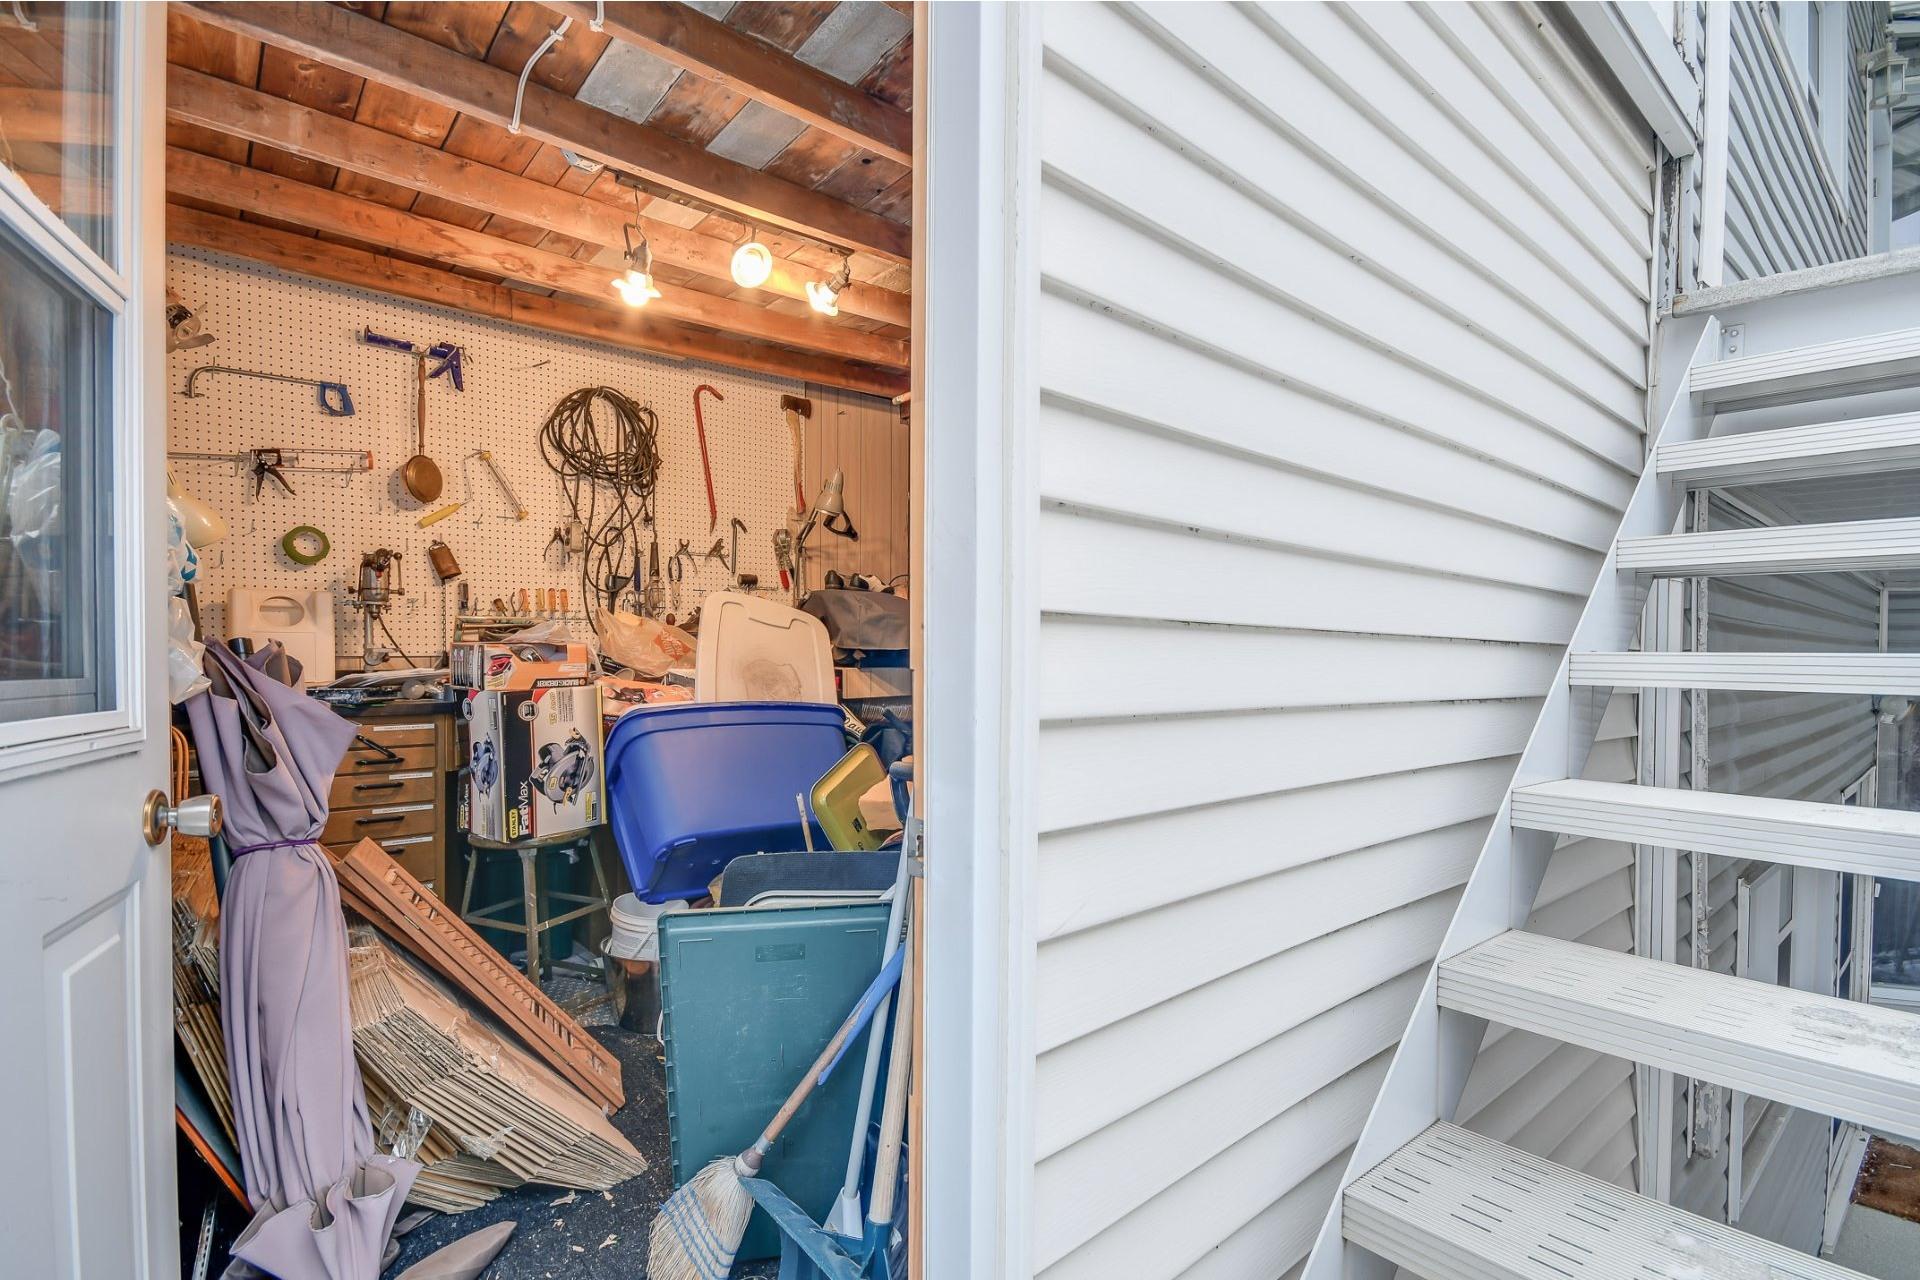 image 6 - Duplex À vendre Rosemont/La Petite-Patrie Montréal  - 5 pièces